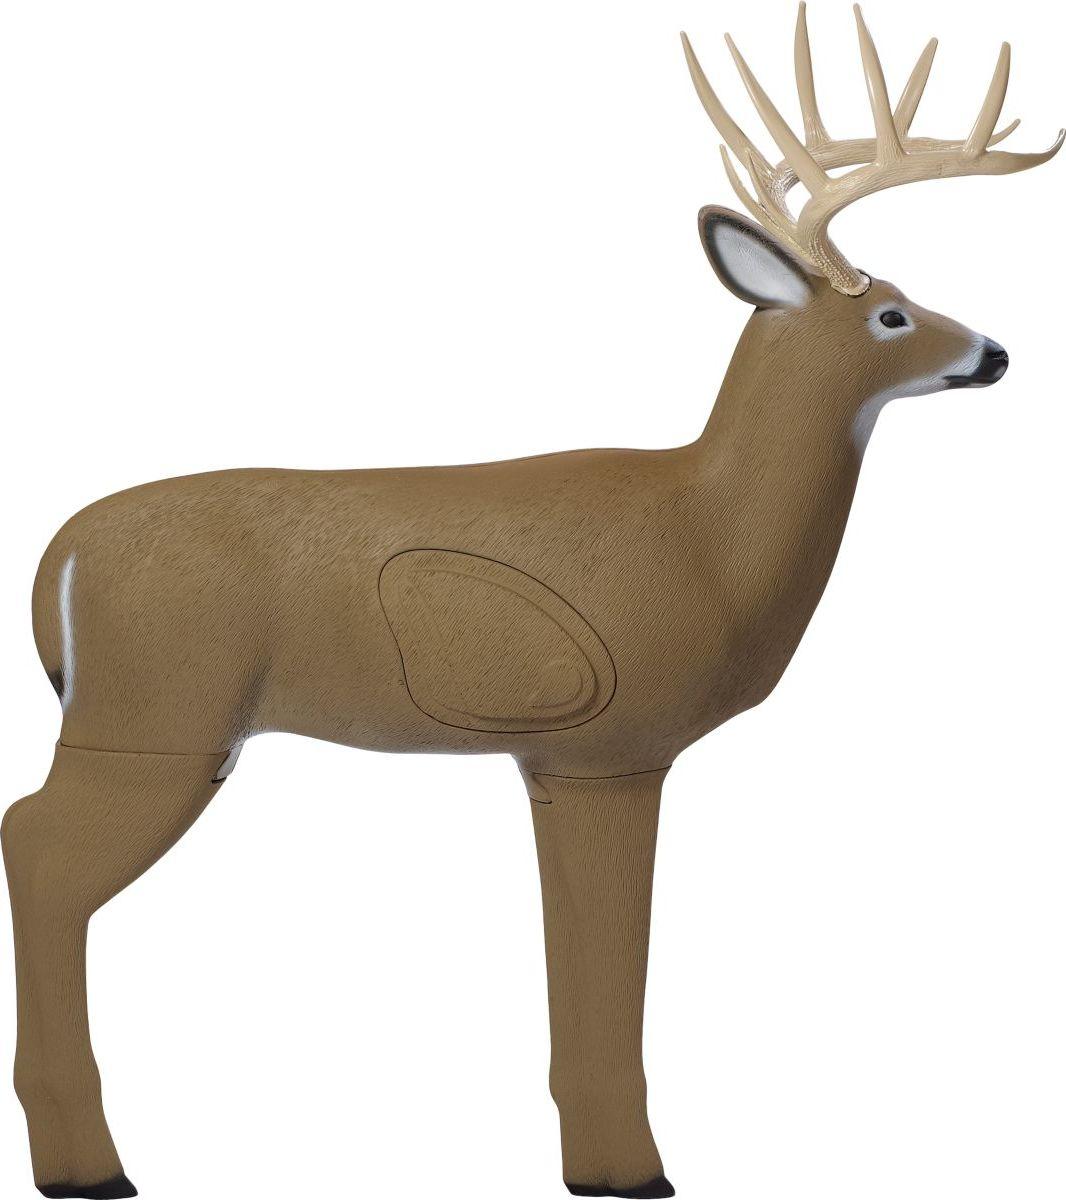 Shooter™ Buck 3-D Archery Target